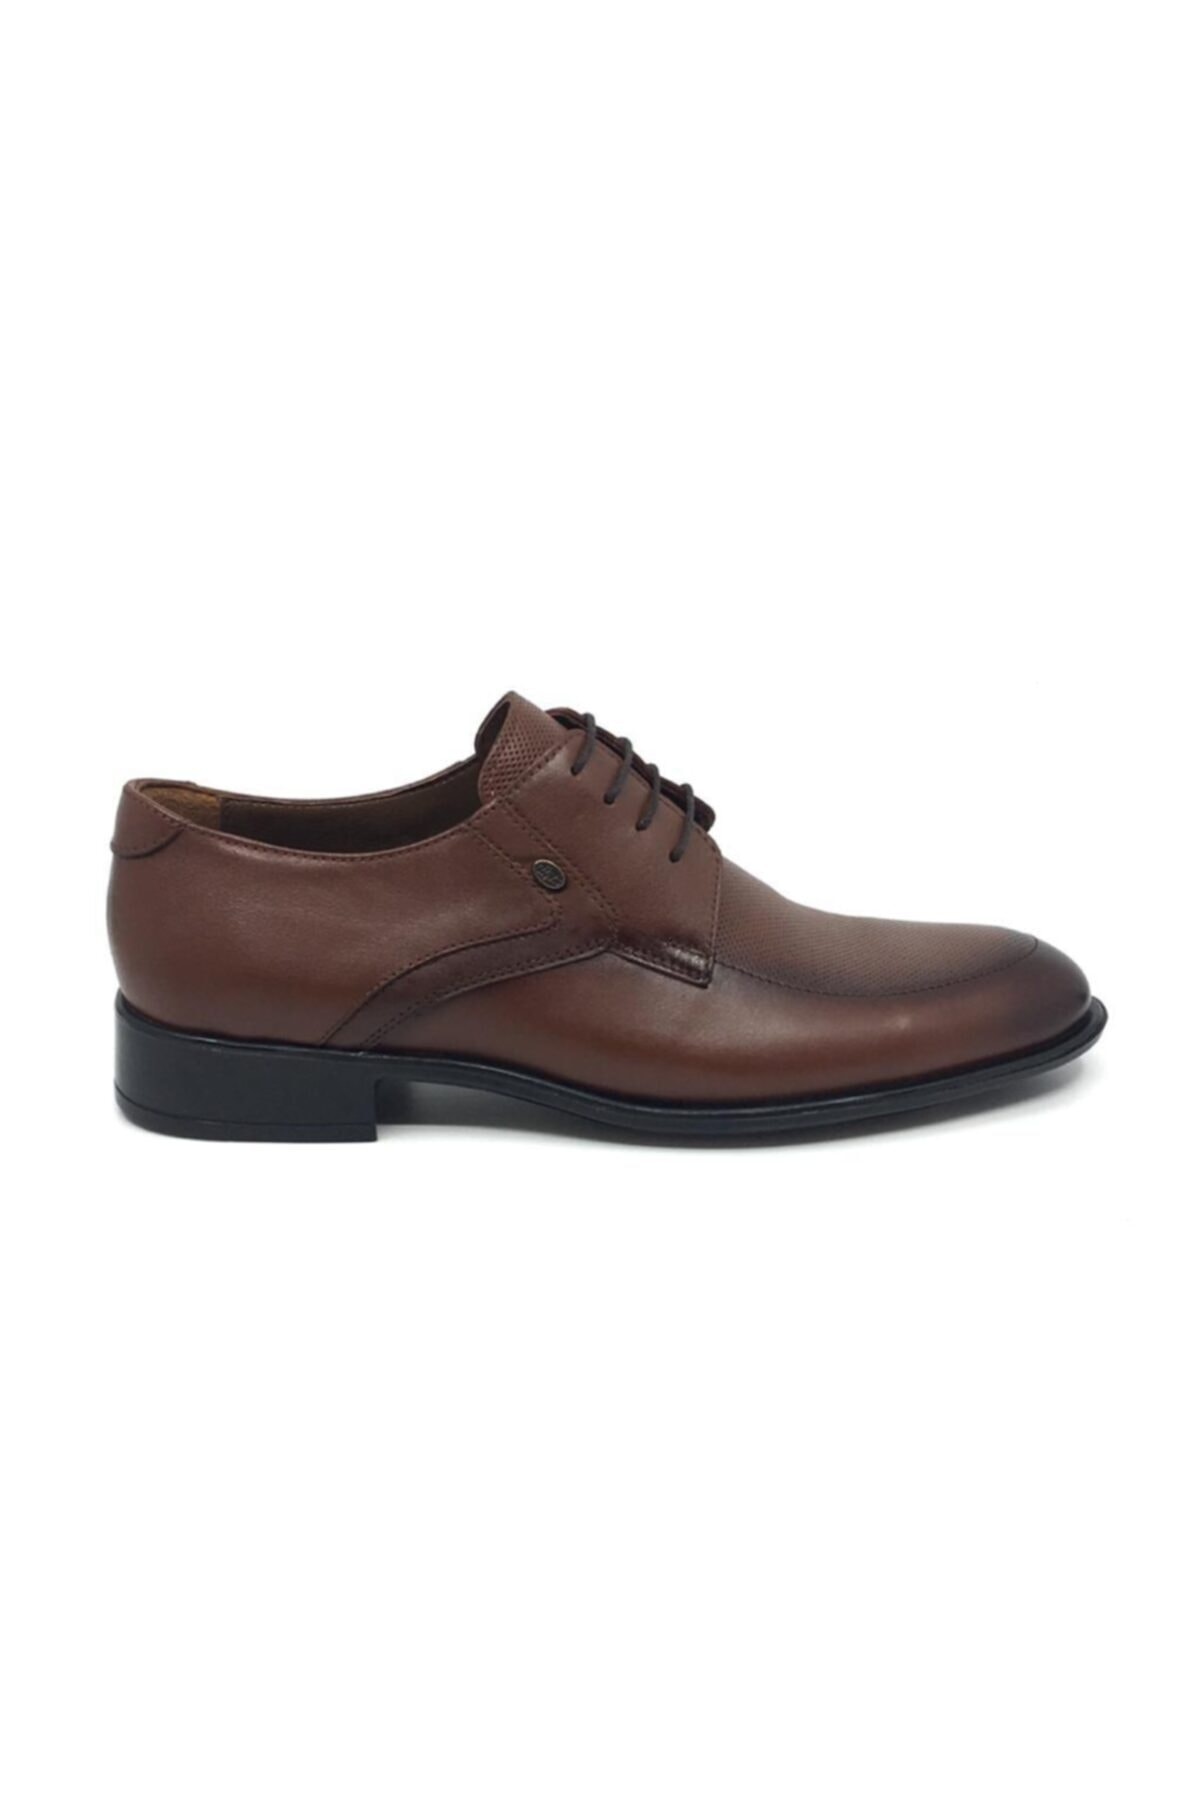 Taşpınar Deri Klasik Günlük Ayakkabı 2